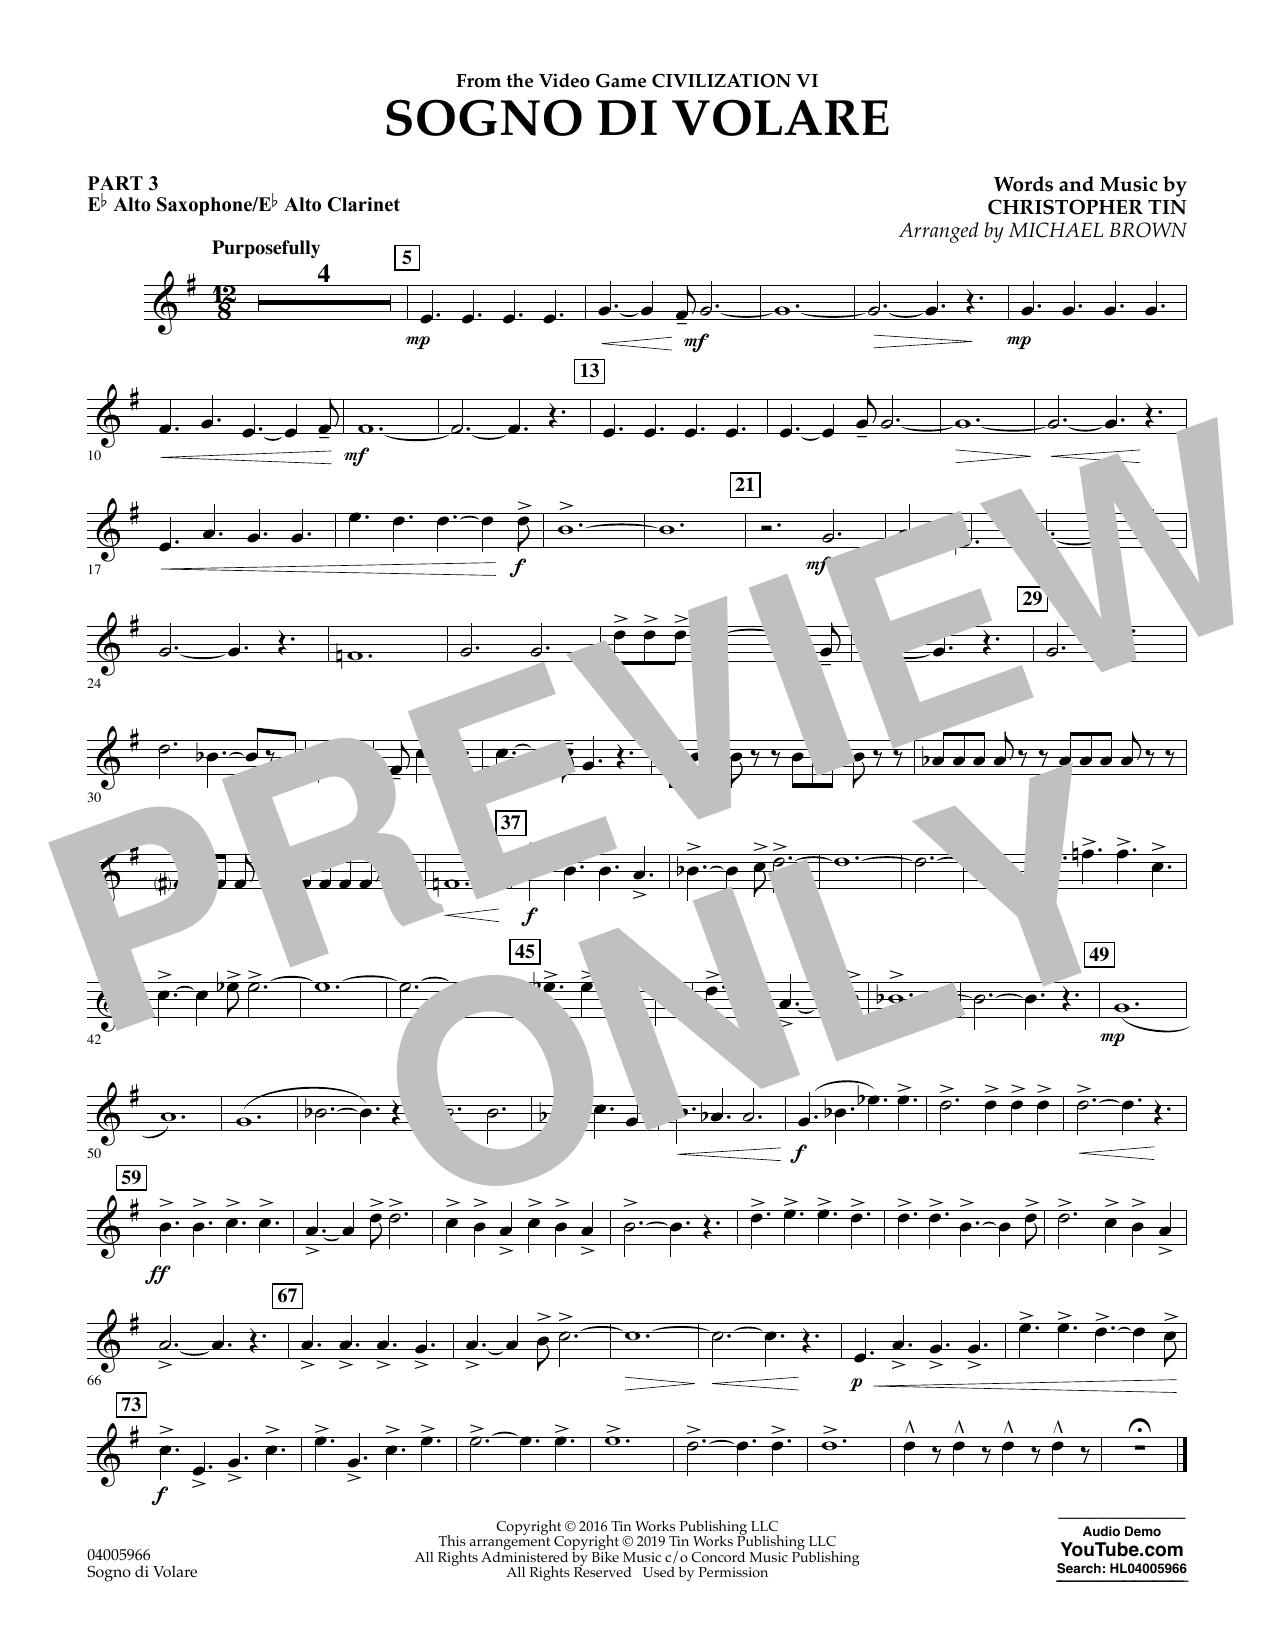 Sogno di Volare (from Civilization VI) (arr. Michael Brown) - Pt.3 - Eb Alto Sax/Alto Clar. (Flex-Band)